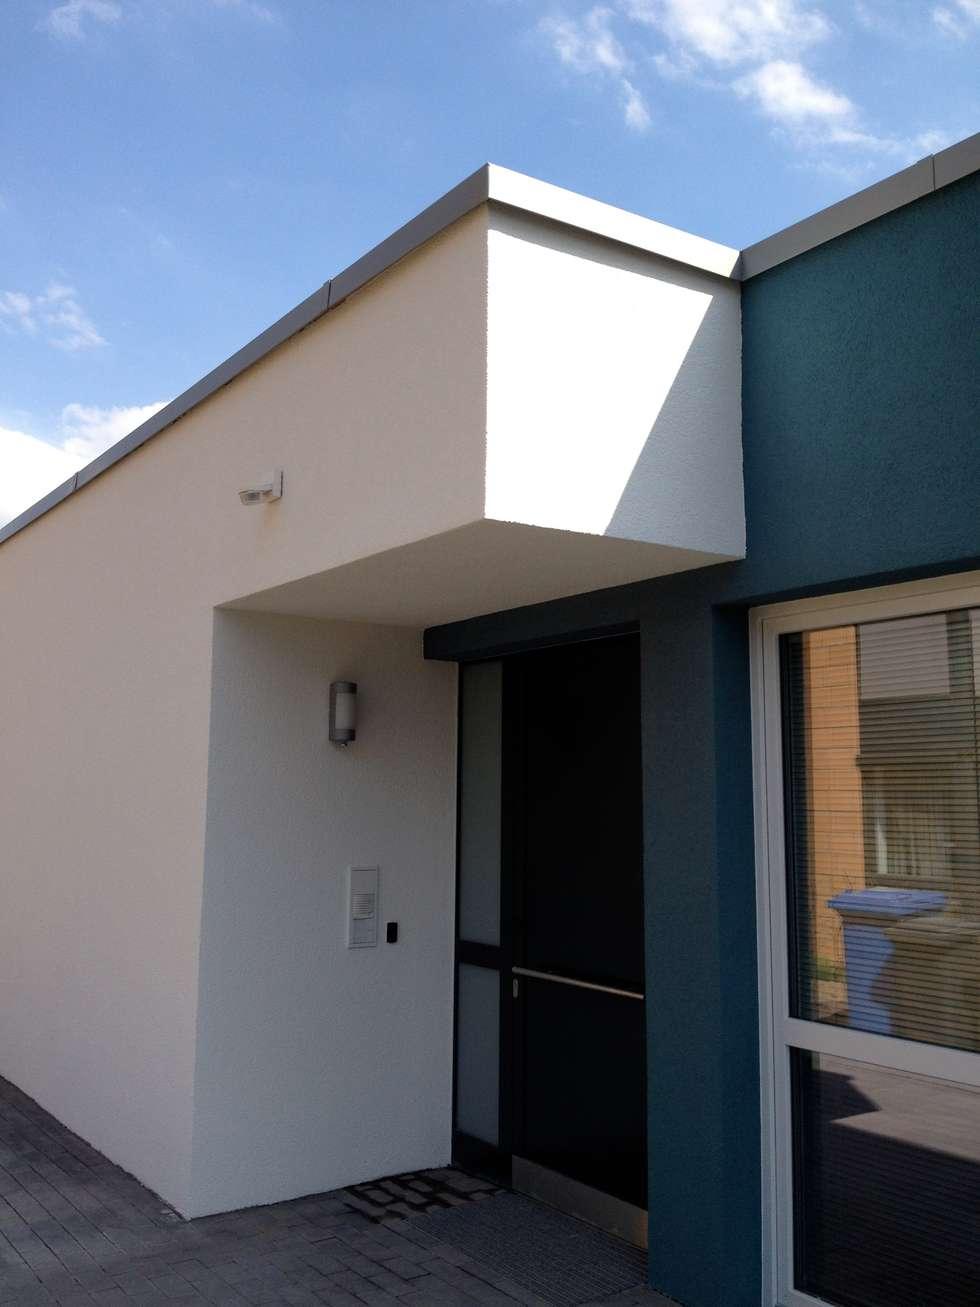 Stammhaus jülich: moderne häuser von cordes architektur   homify